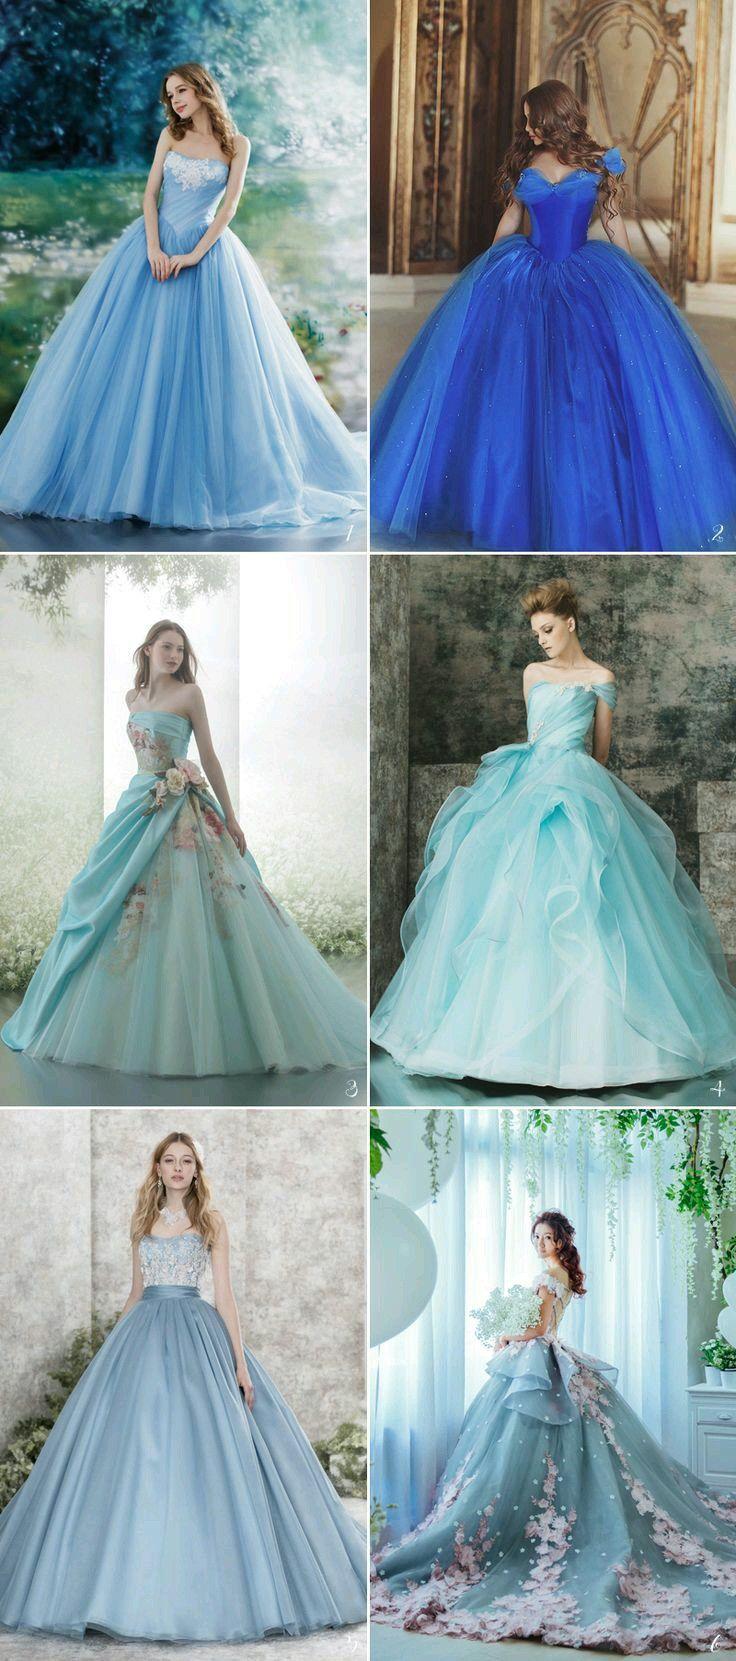 Pin de LARCA-Lei en Outfits/dresses 15 | Pinterest | Vestiditos ...